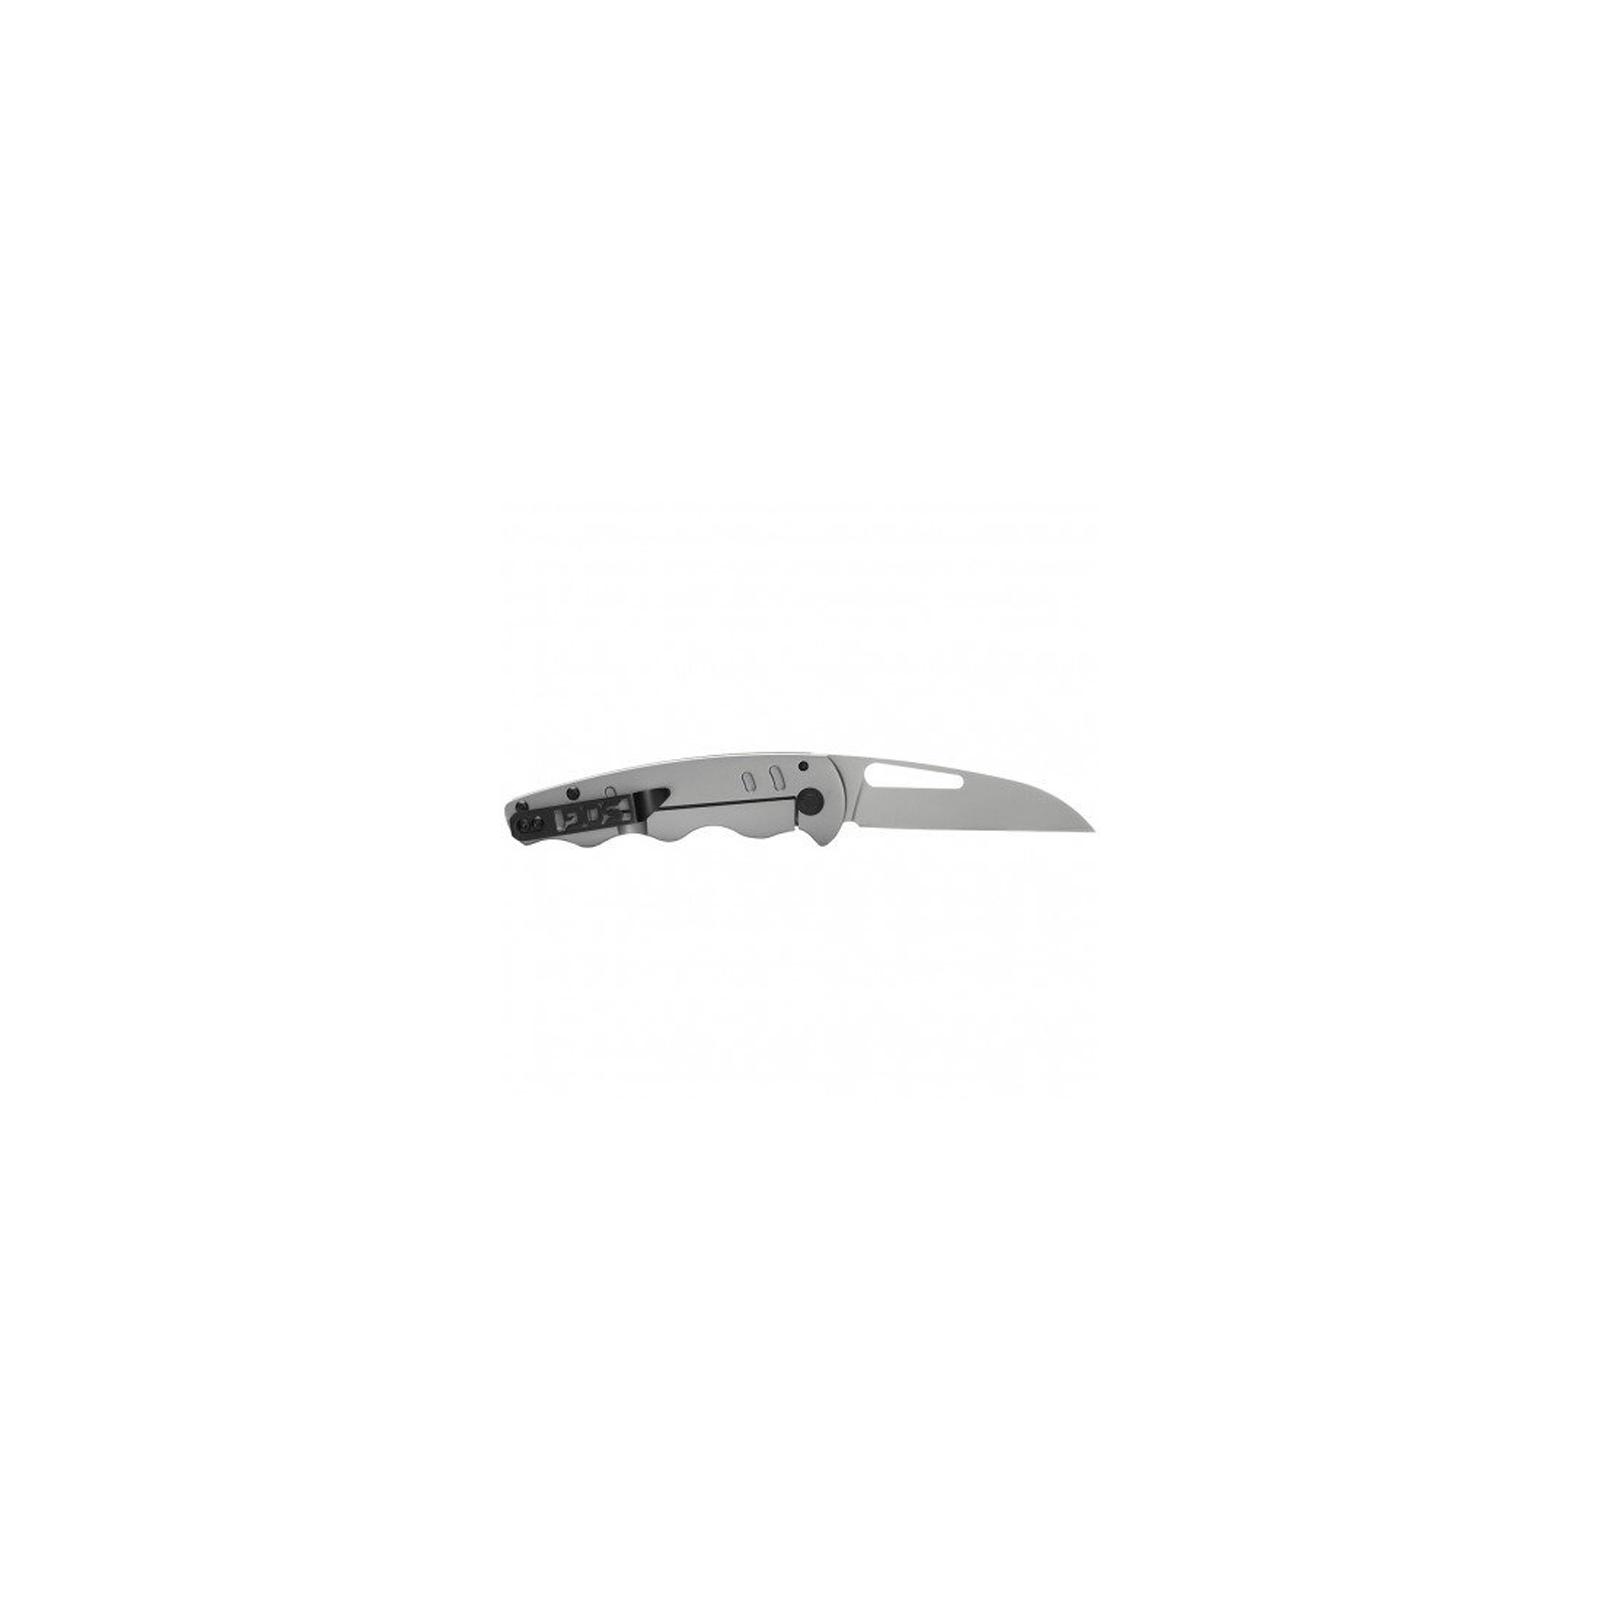 Нож SOG Escape FL (14-52-01-57) изображение 2